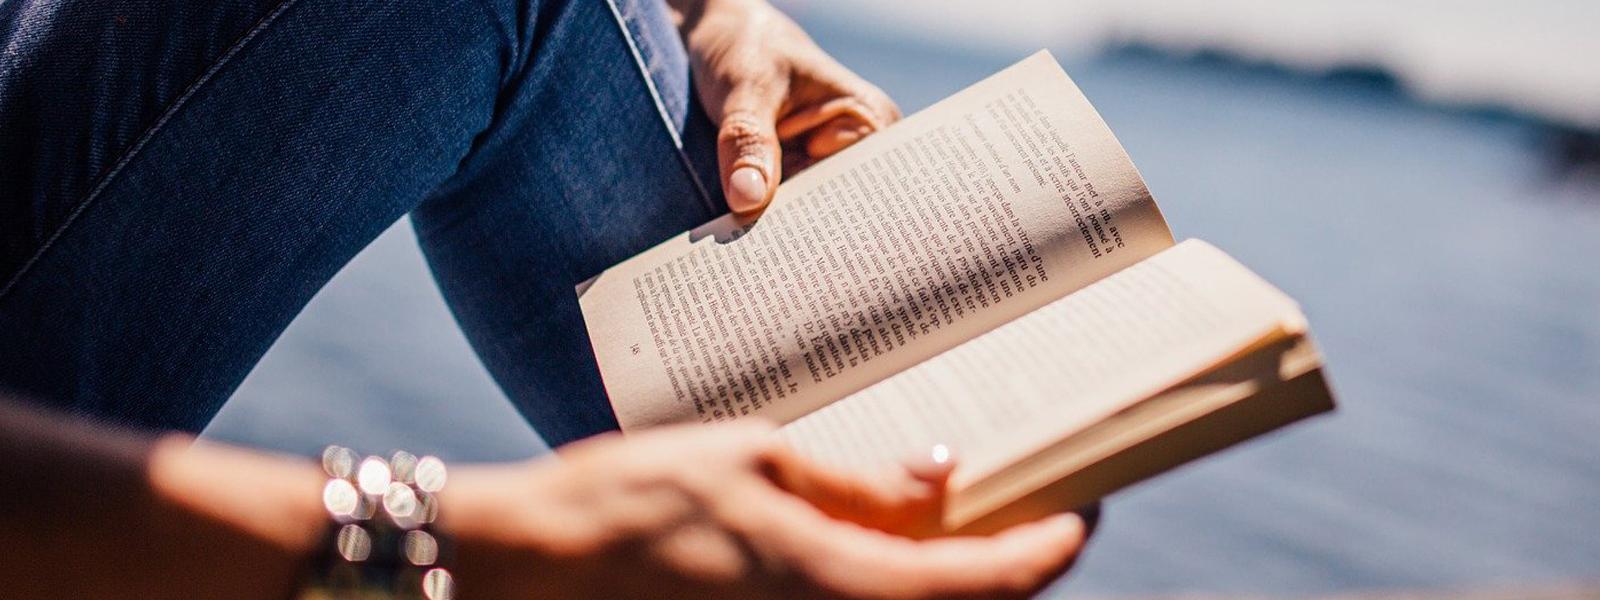 医学に関連した読書